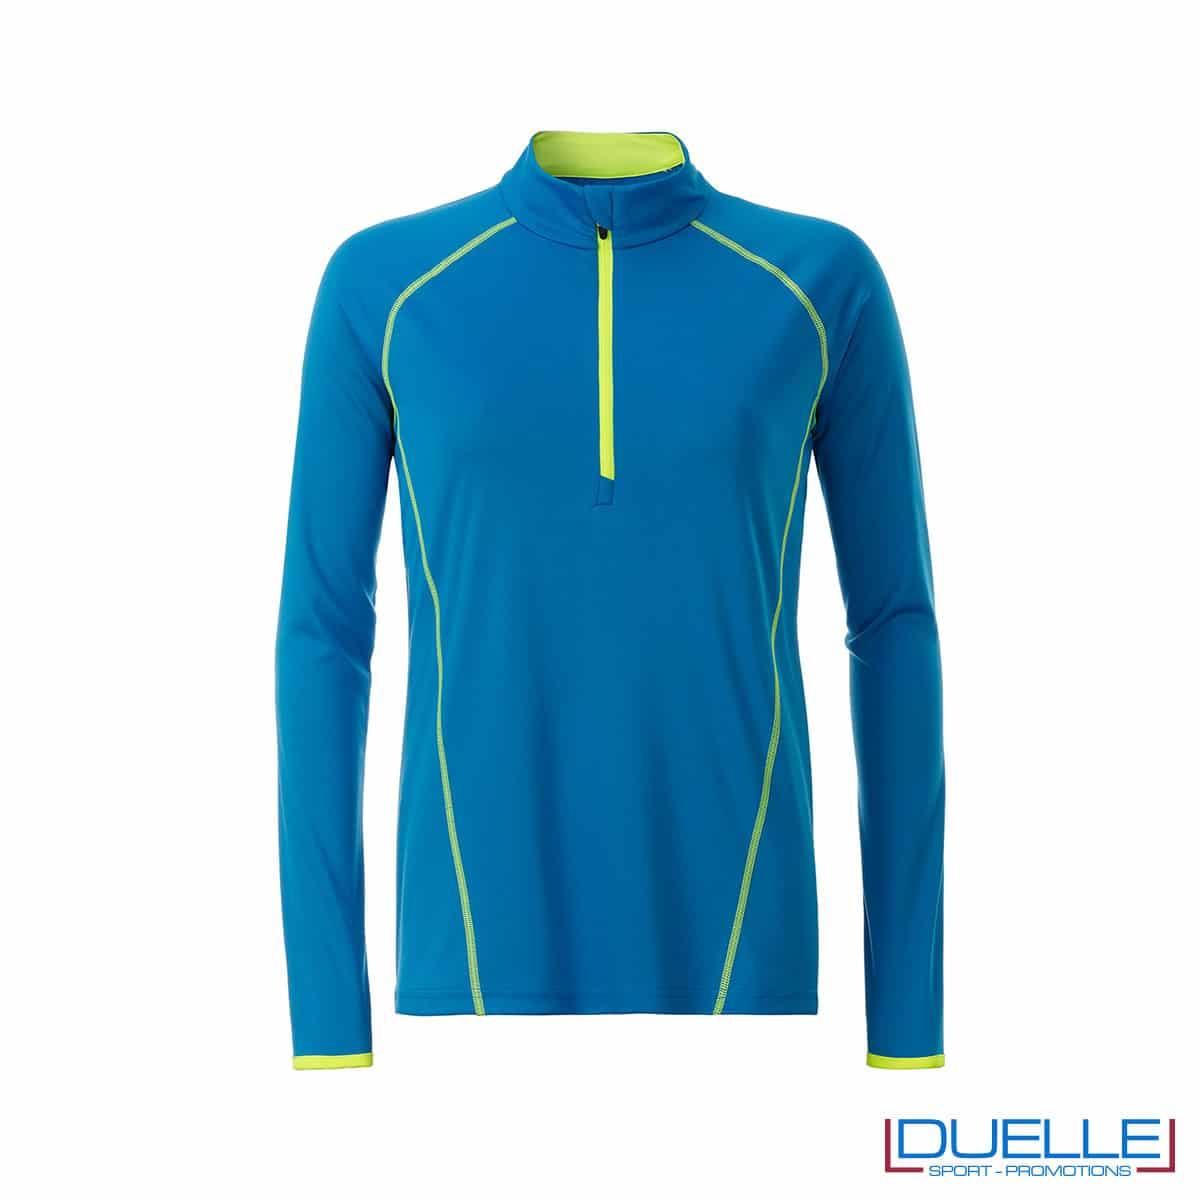 t shirt manica lunga donna colore blu chiaro personalizzata